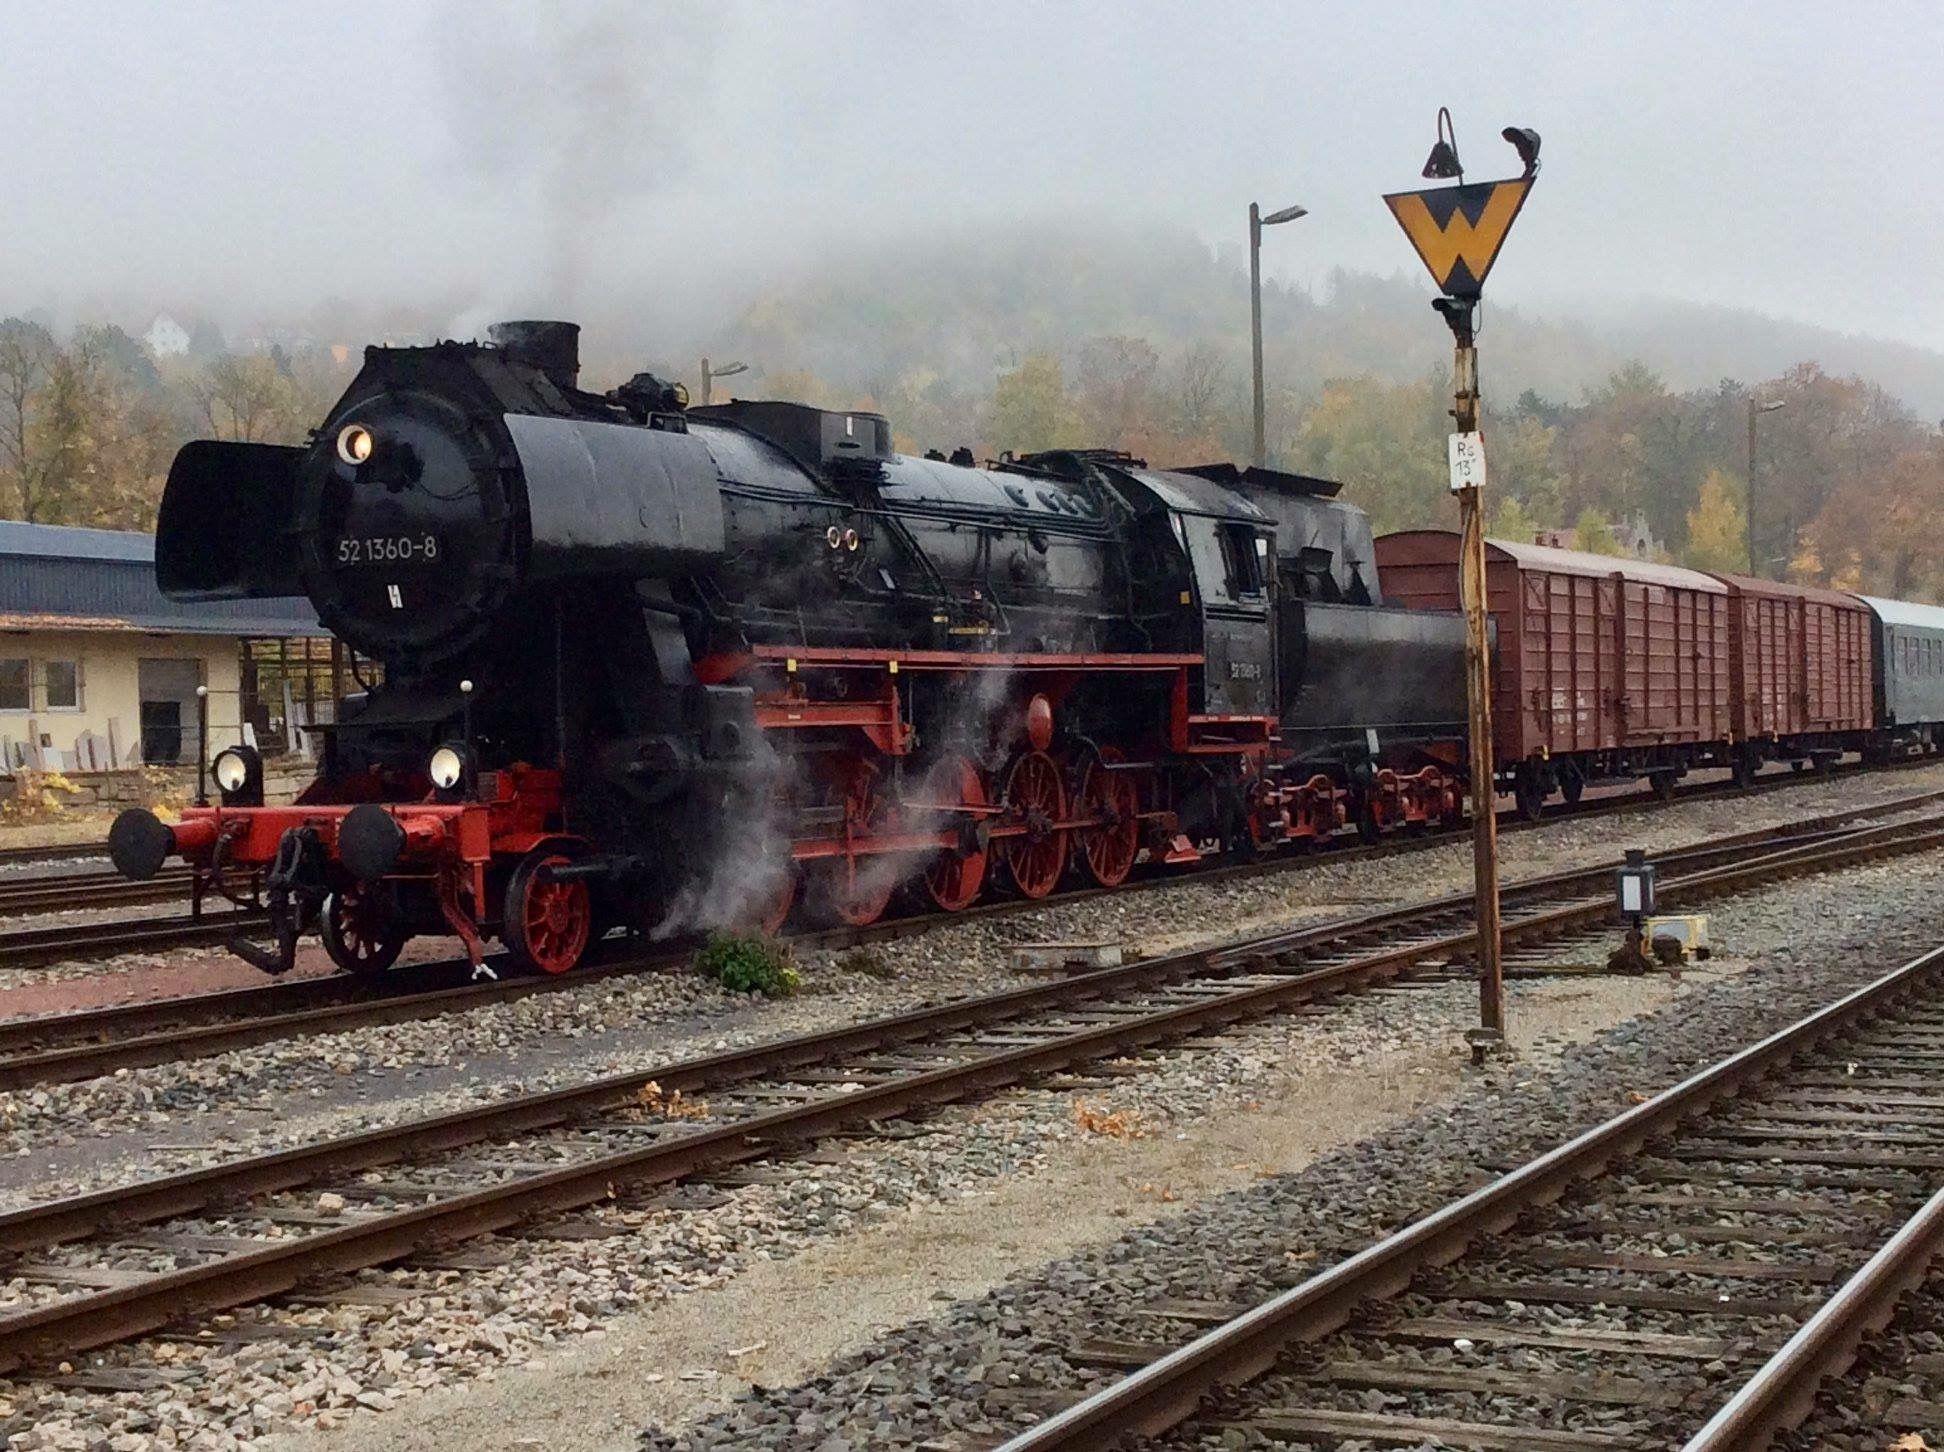 21 ideeën over DB signalen in 21   trein, spoorbaan, locomotief